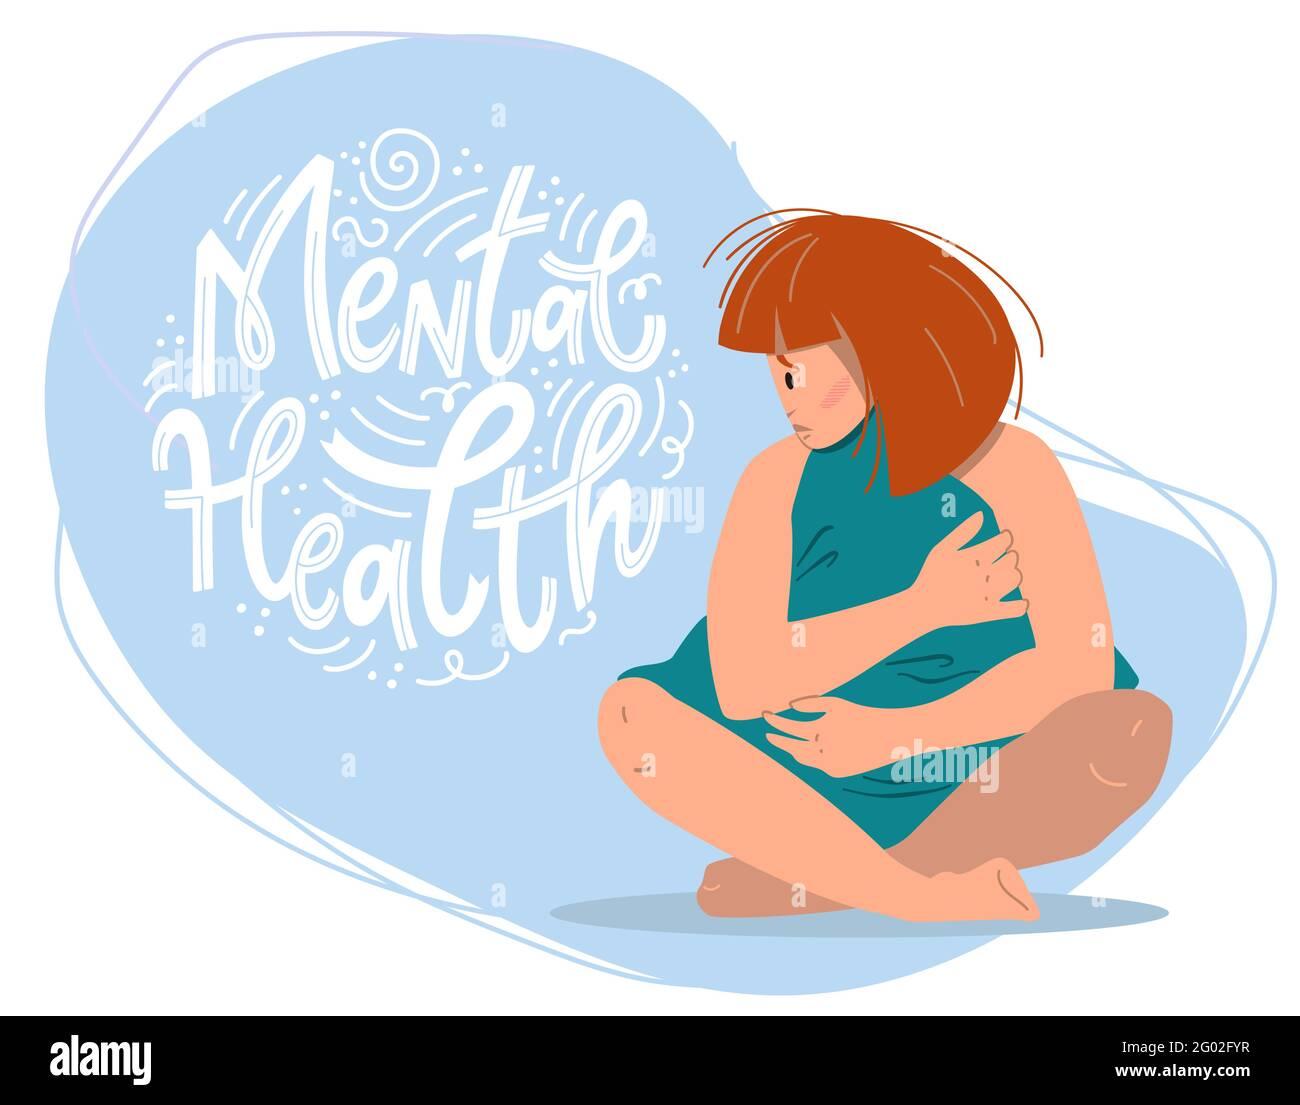 Concepto de salud mental. Mujer triste con depresión sentada en el suelo. Ilustración de vectores de colores en estilo de dibujos animados planos. Ilustración del Vector